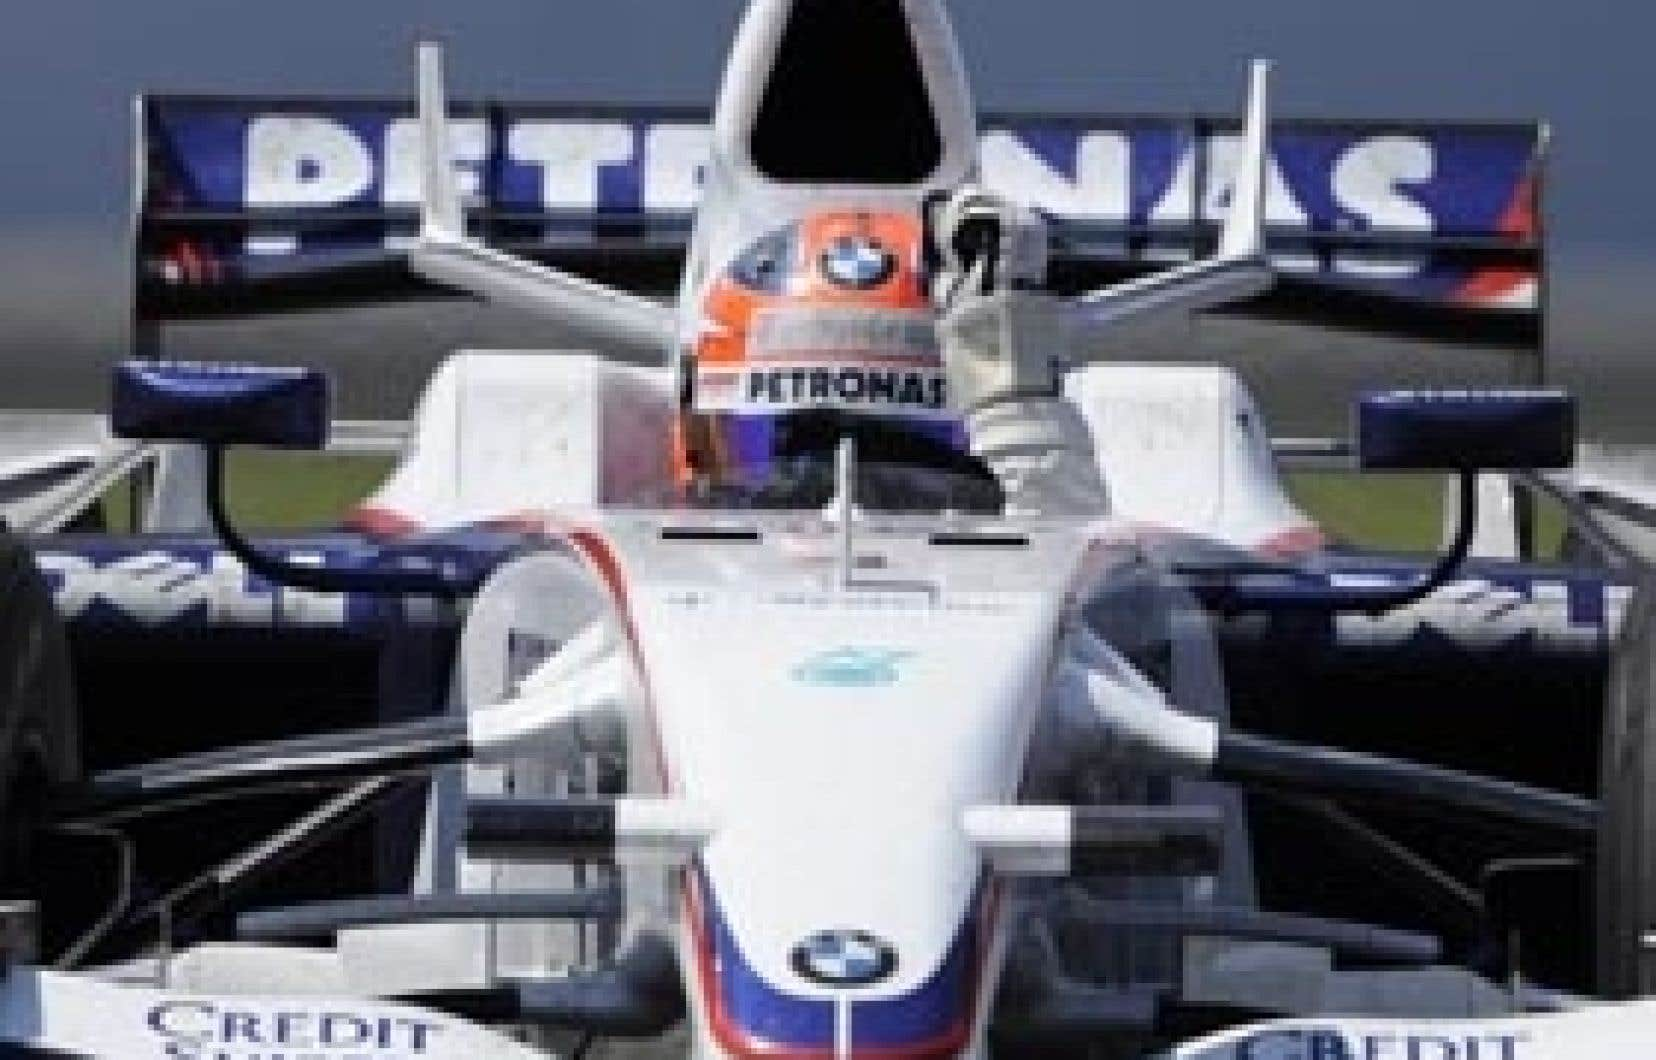 Le conducteur Robert Kubica célèbre sa victoire lors du dernier Grand Prix du Canada, couru le 8 juin 2008 à Montréal. Absent cette année de l'île Notre-Dame, l'événement pourrait bel et bien être de retour l'été prochain.